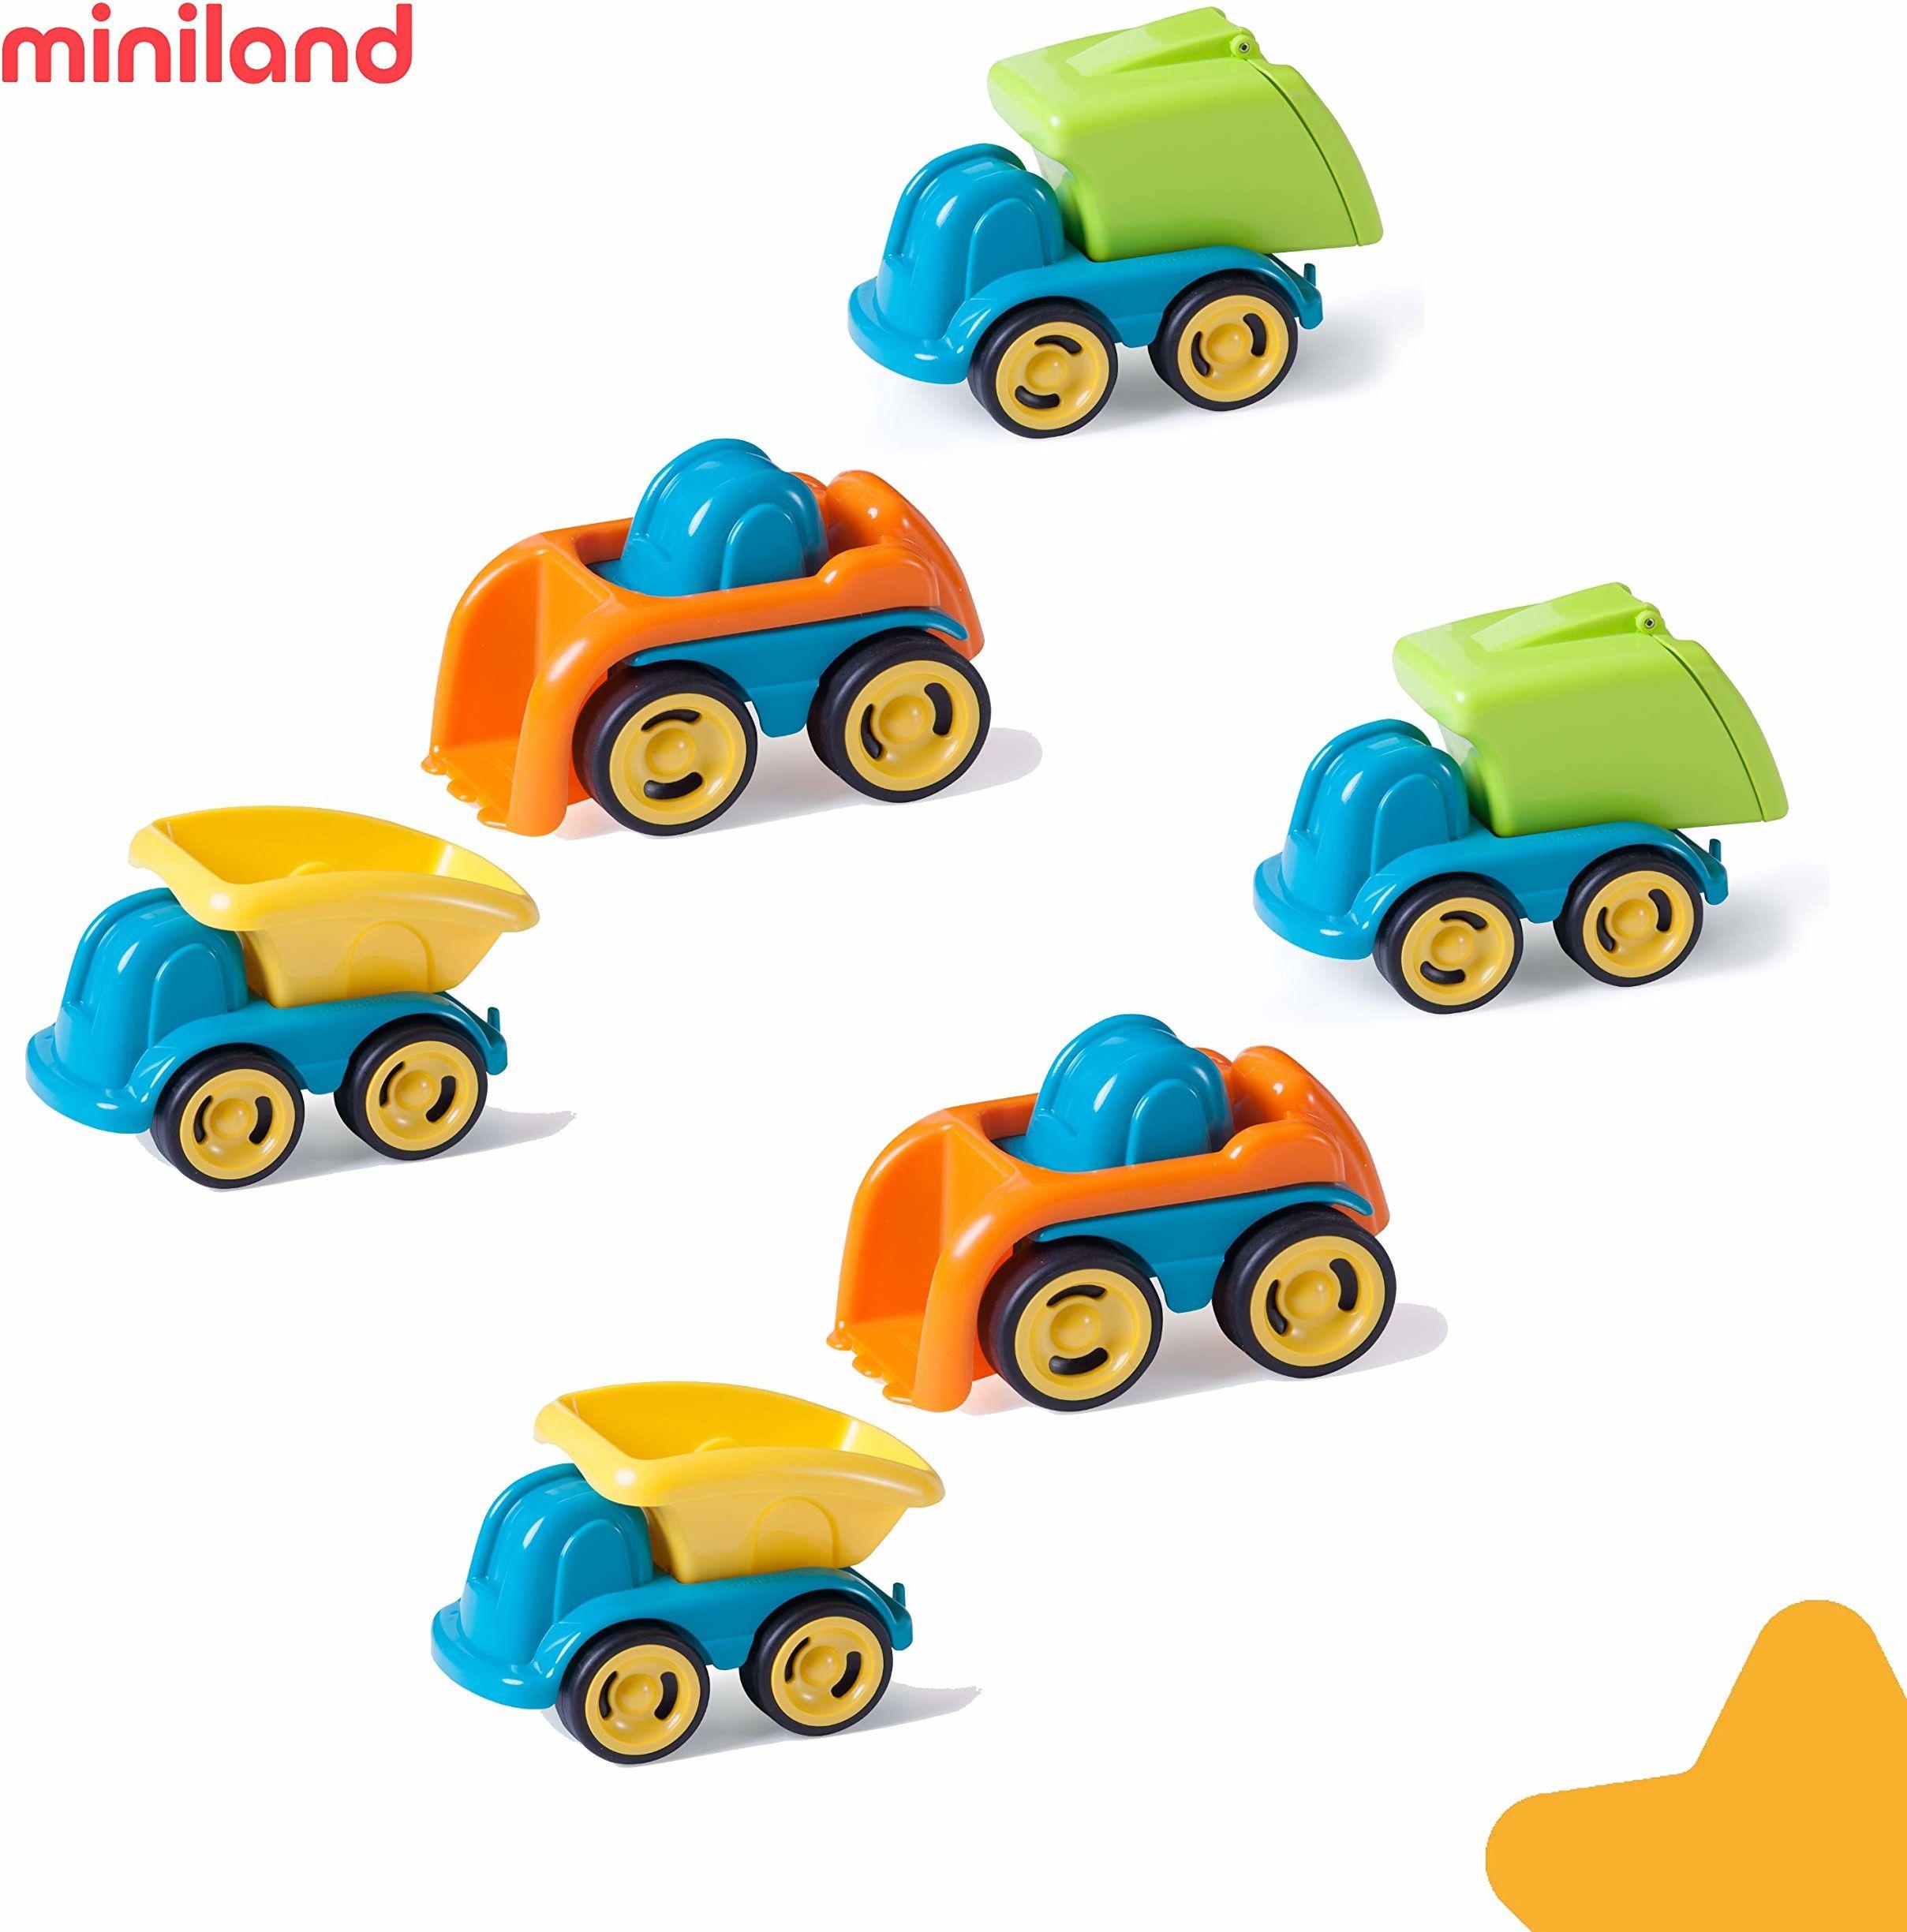 Miniland Miniland27469 Minimobil pojemniki na śmietniki (6-częściowy), wielokolorowe